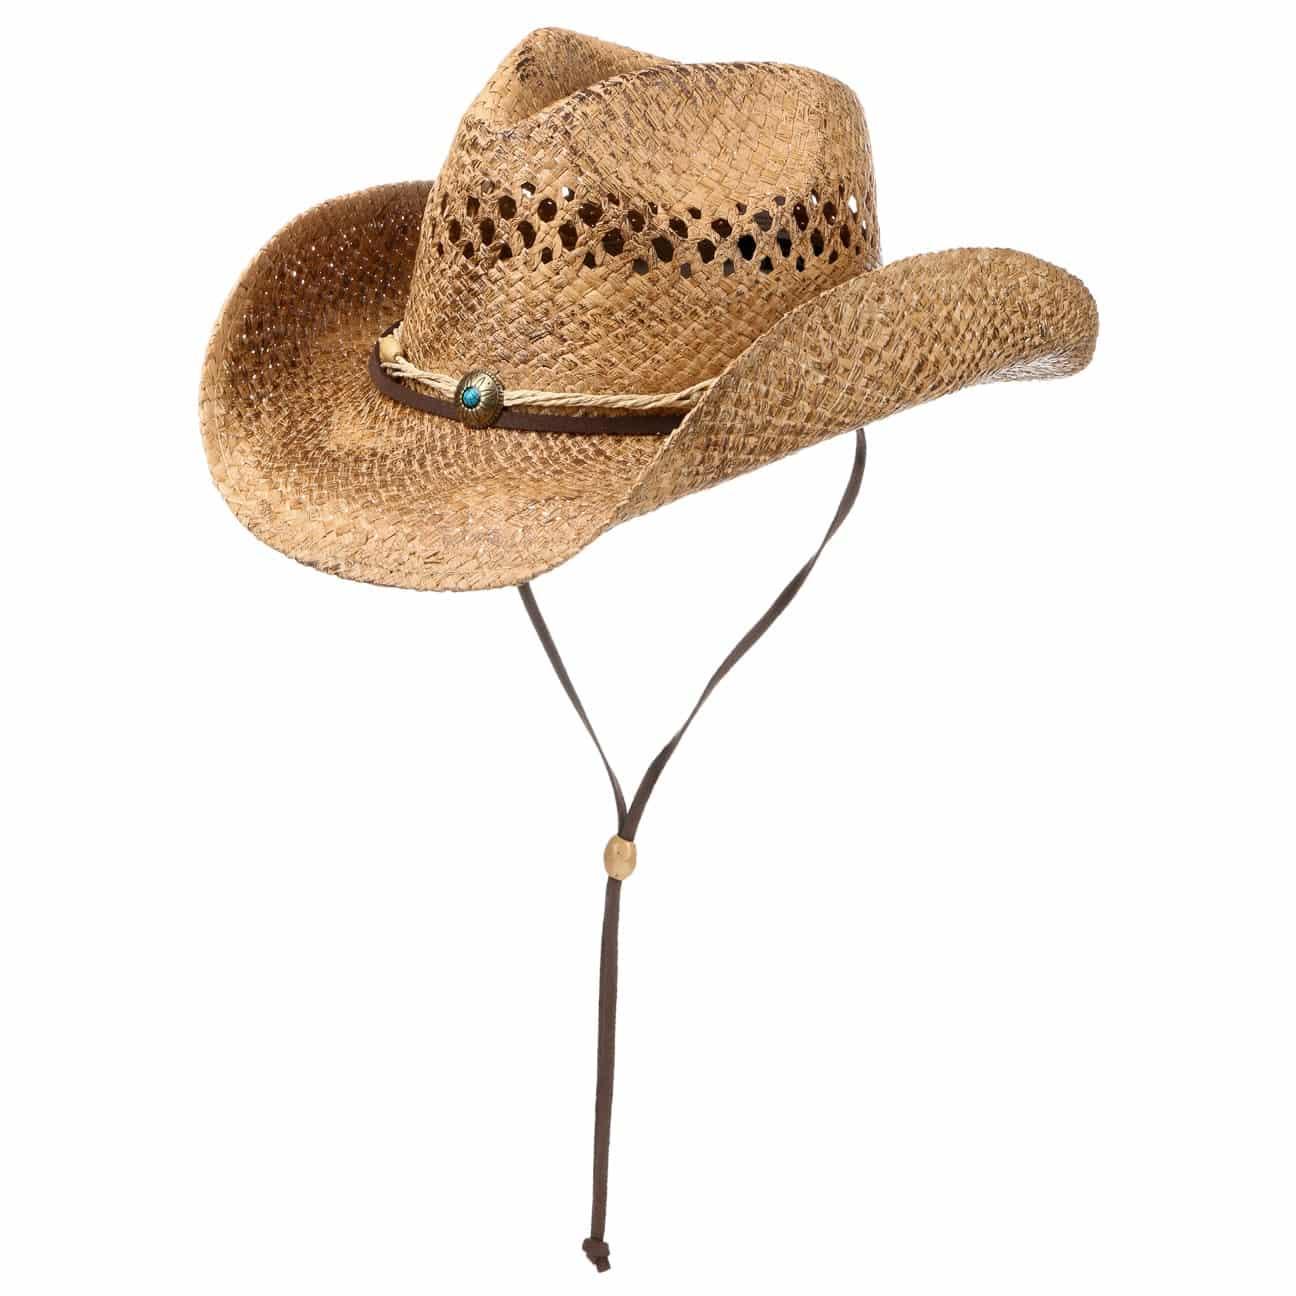 Sacramento Raffia Cowboyhut by Conner